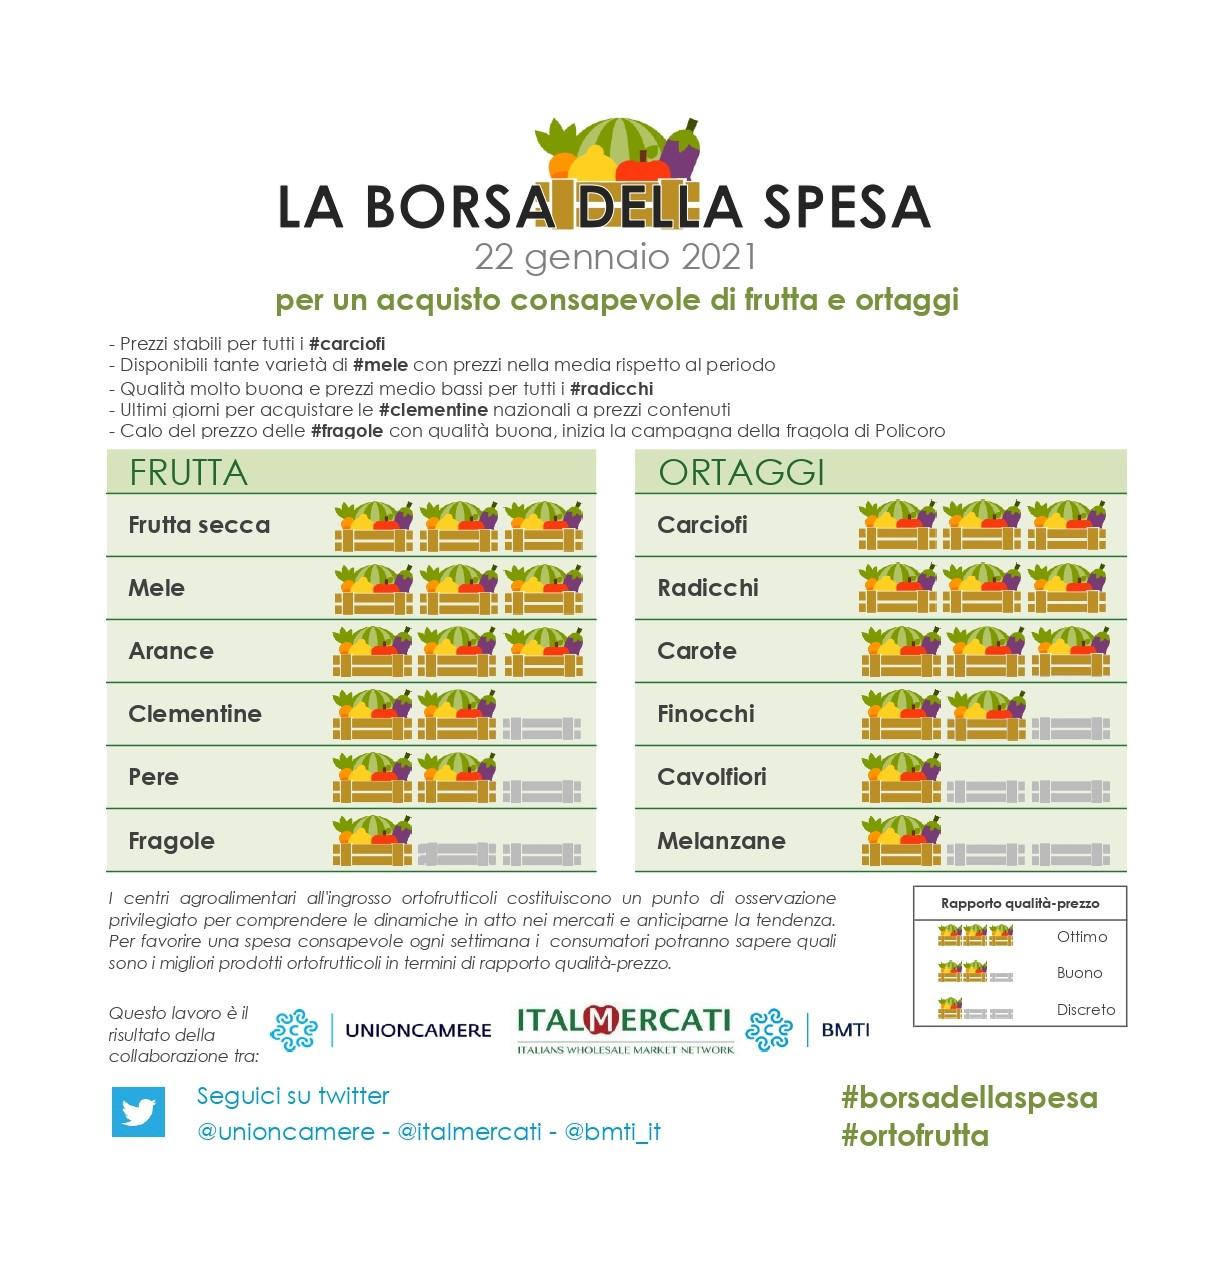 Nella #borsadellaspesa di #ortofrutta di questa settimana: #fruttasecca, #mele, #arance, #carciofi,  #radicchi,  e #carote - 22 gennaio 2021